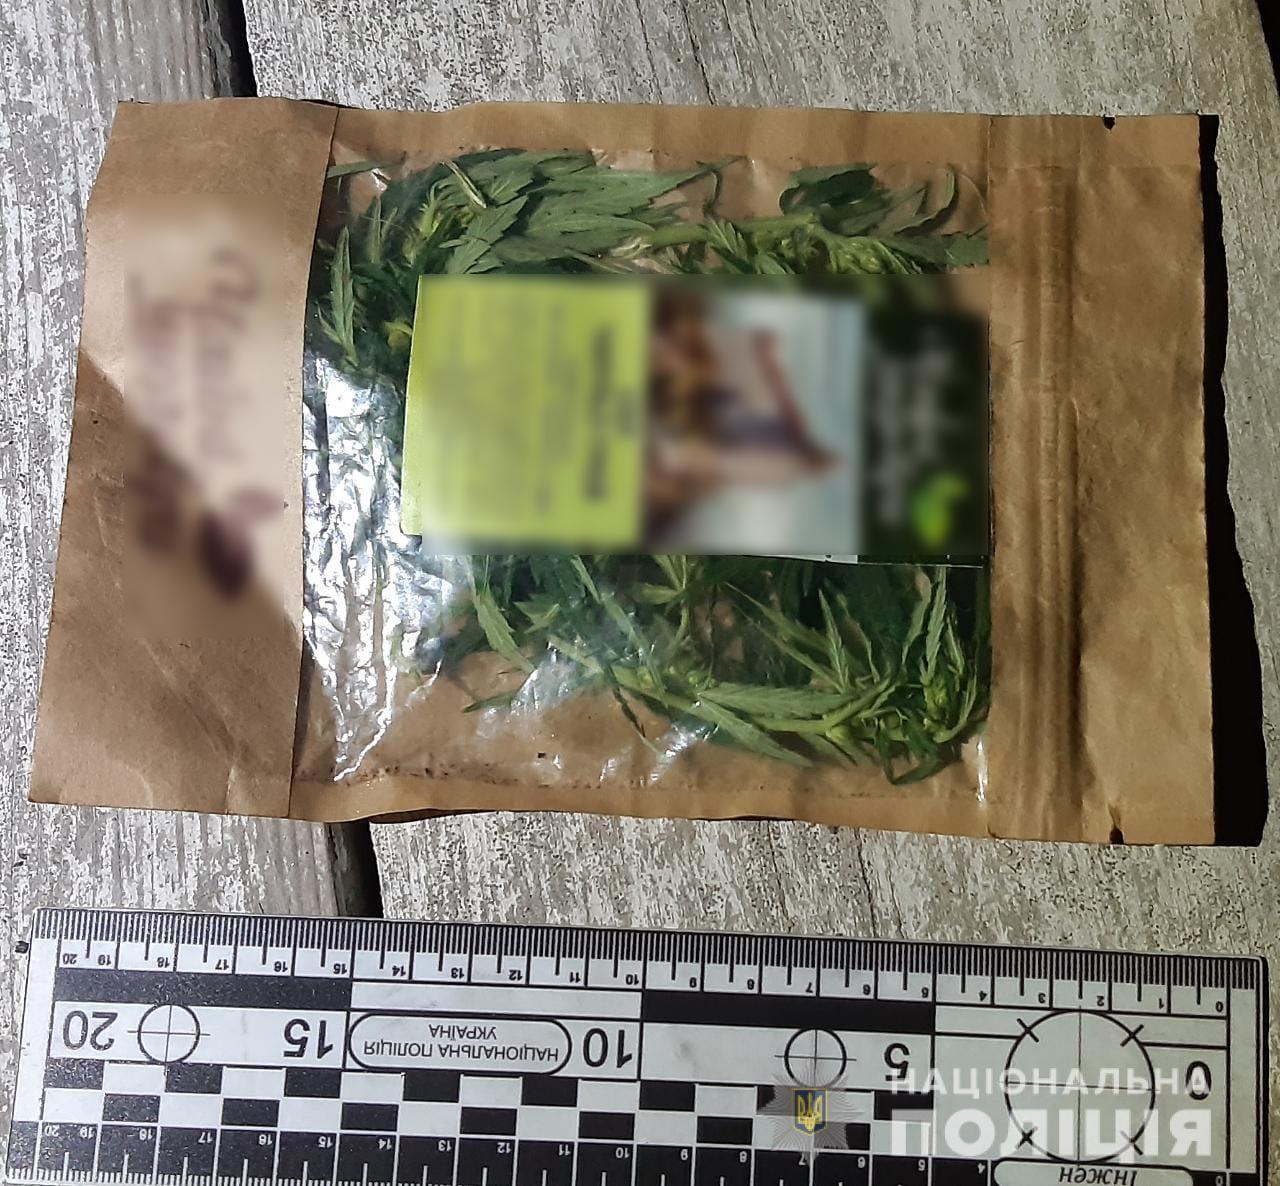 Каннабис - в карманах и на огородах: в Белгород-Днестровском районе продолжают выявлять наркопреступления